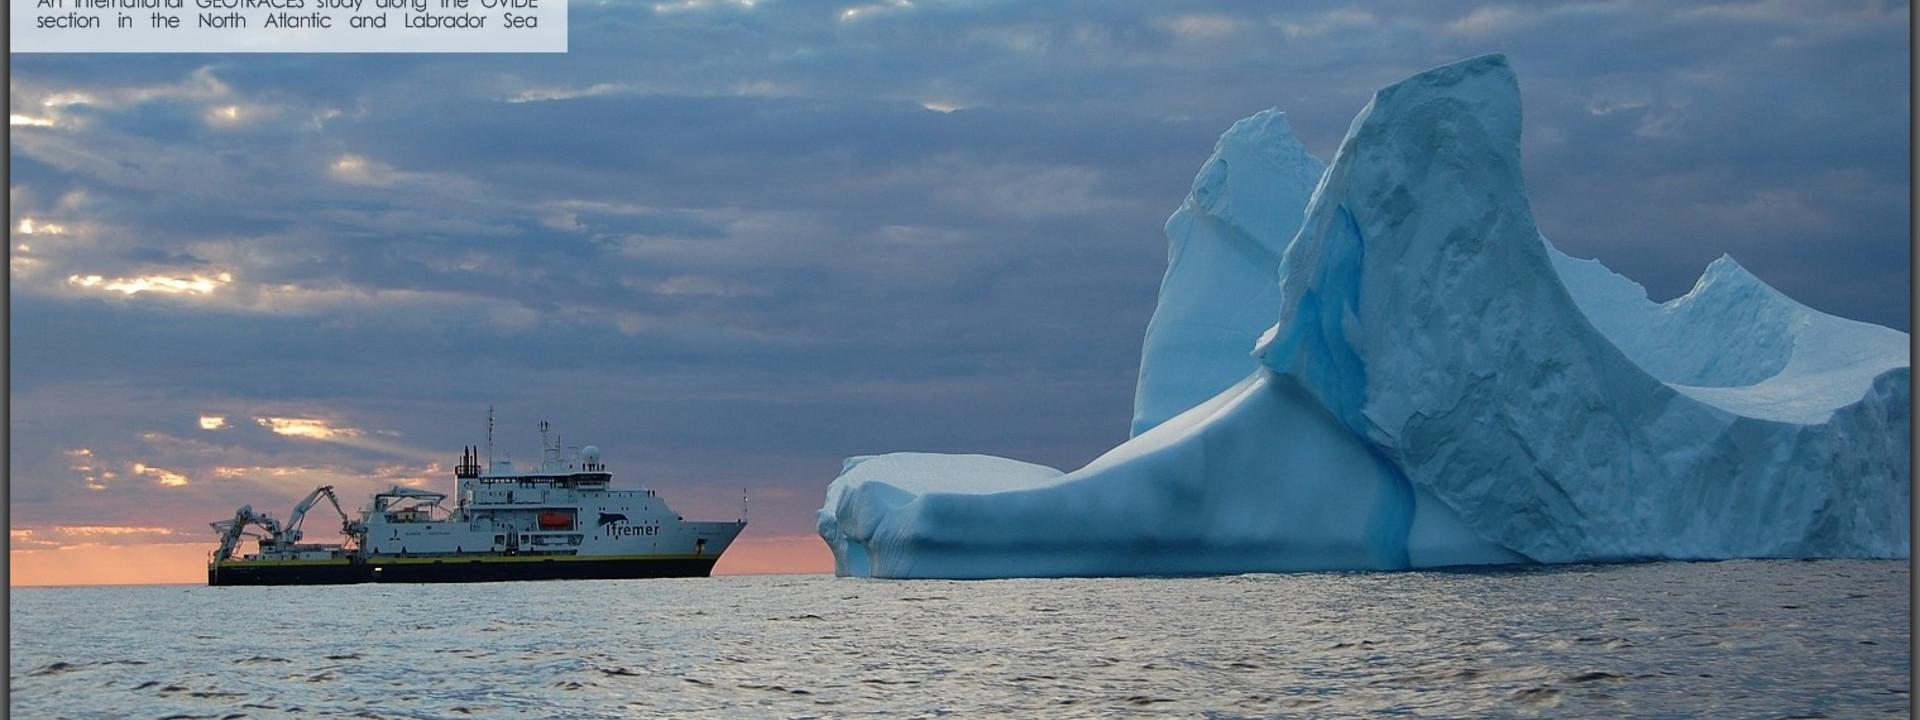 Geovide campaign in North Atlantic